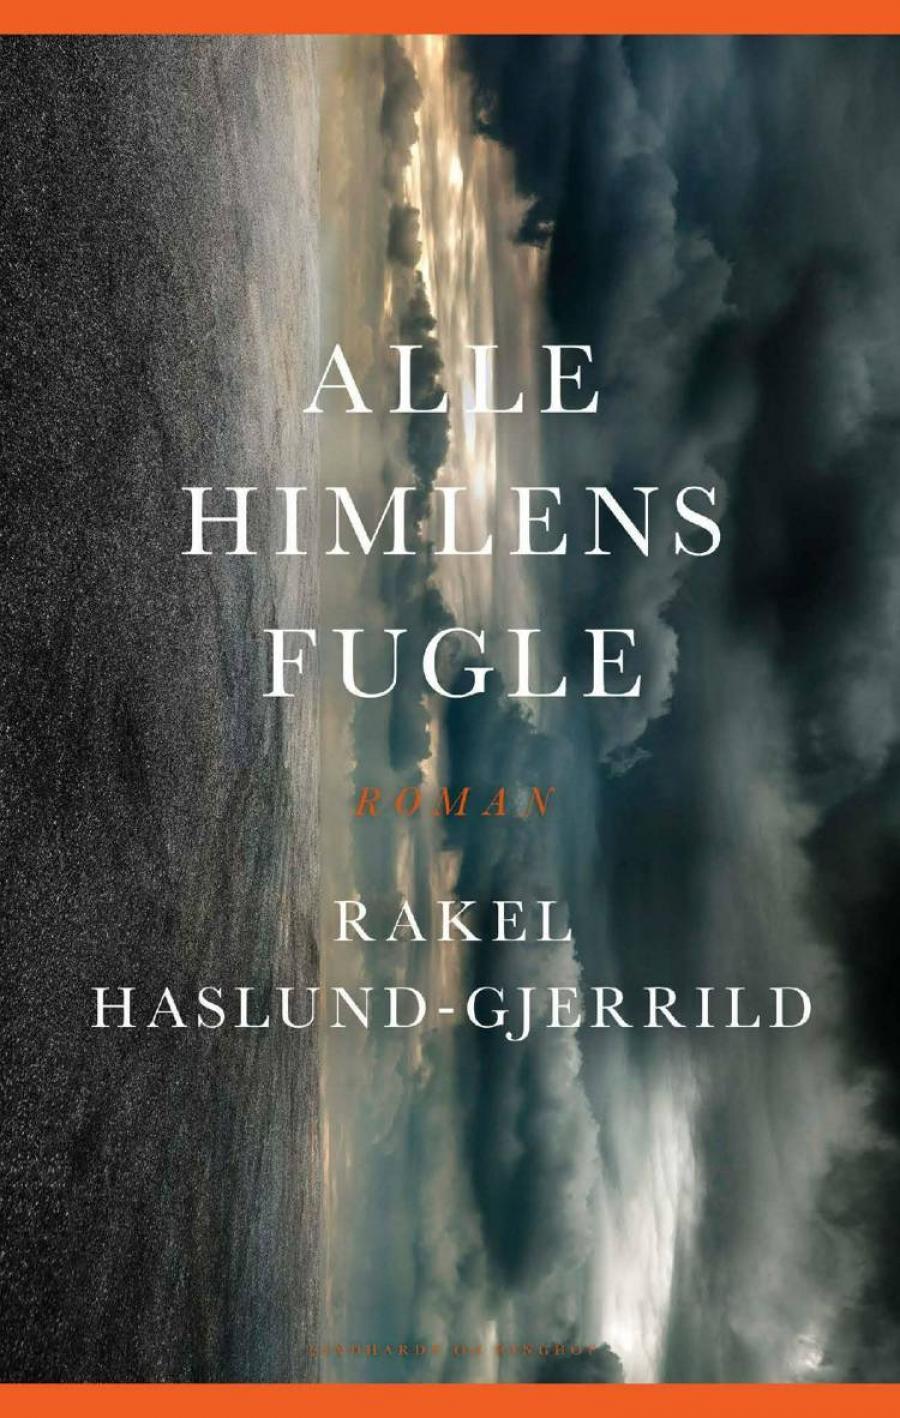 Alle himlens fugle af Rakel Haslund-Gjerrild